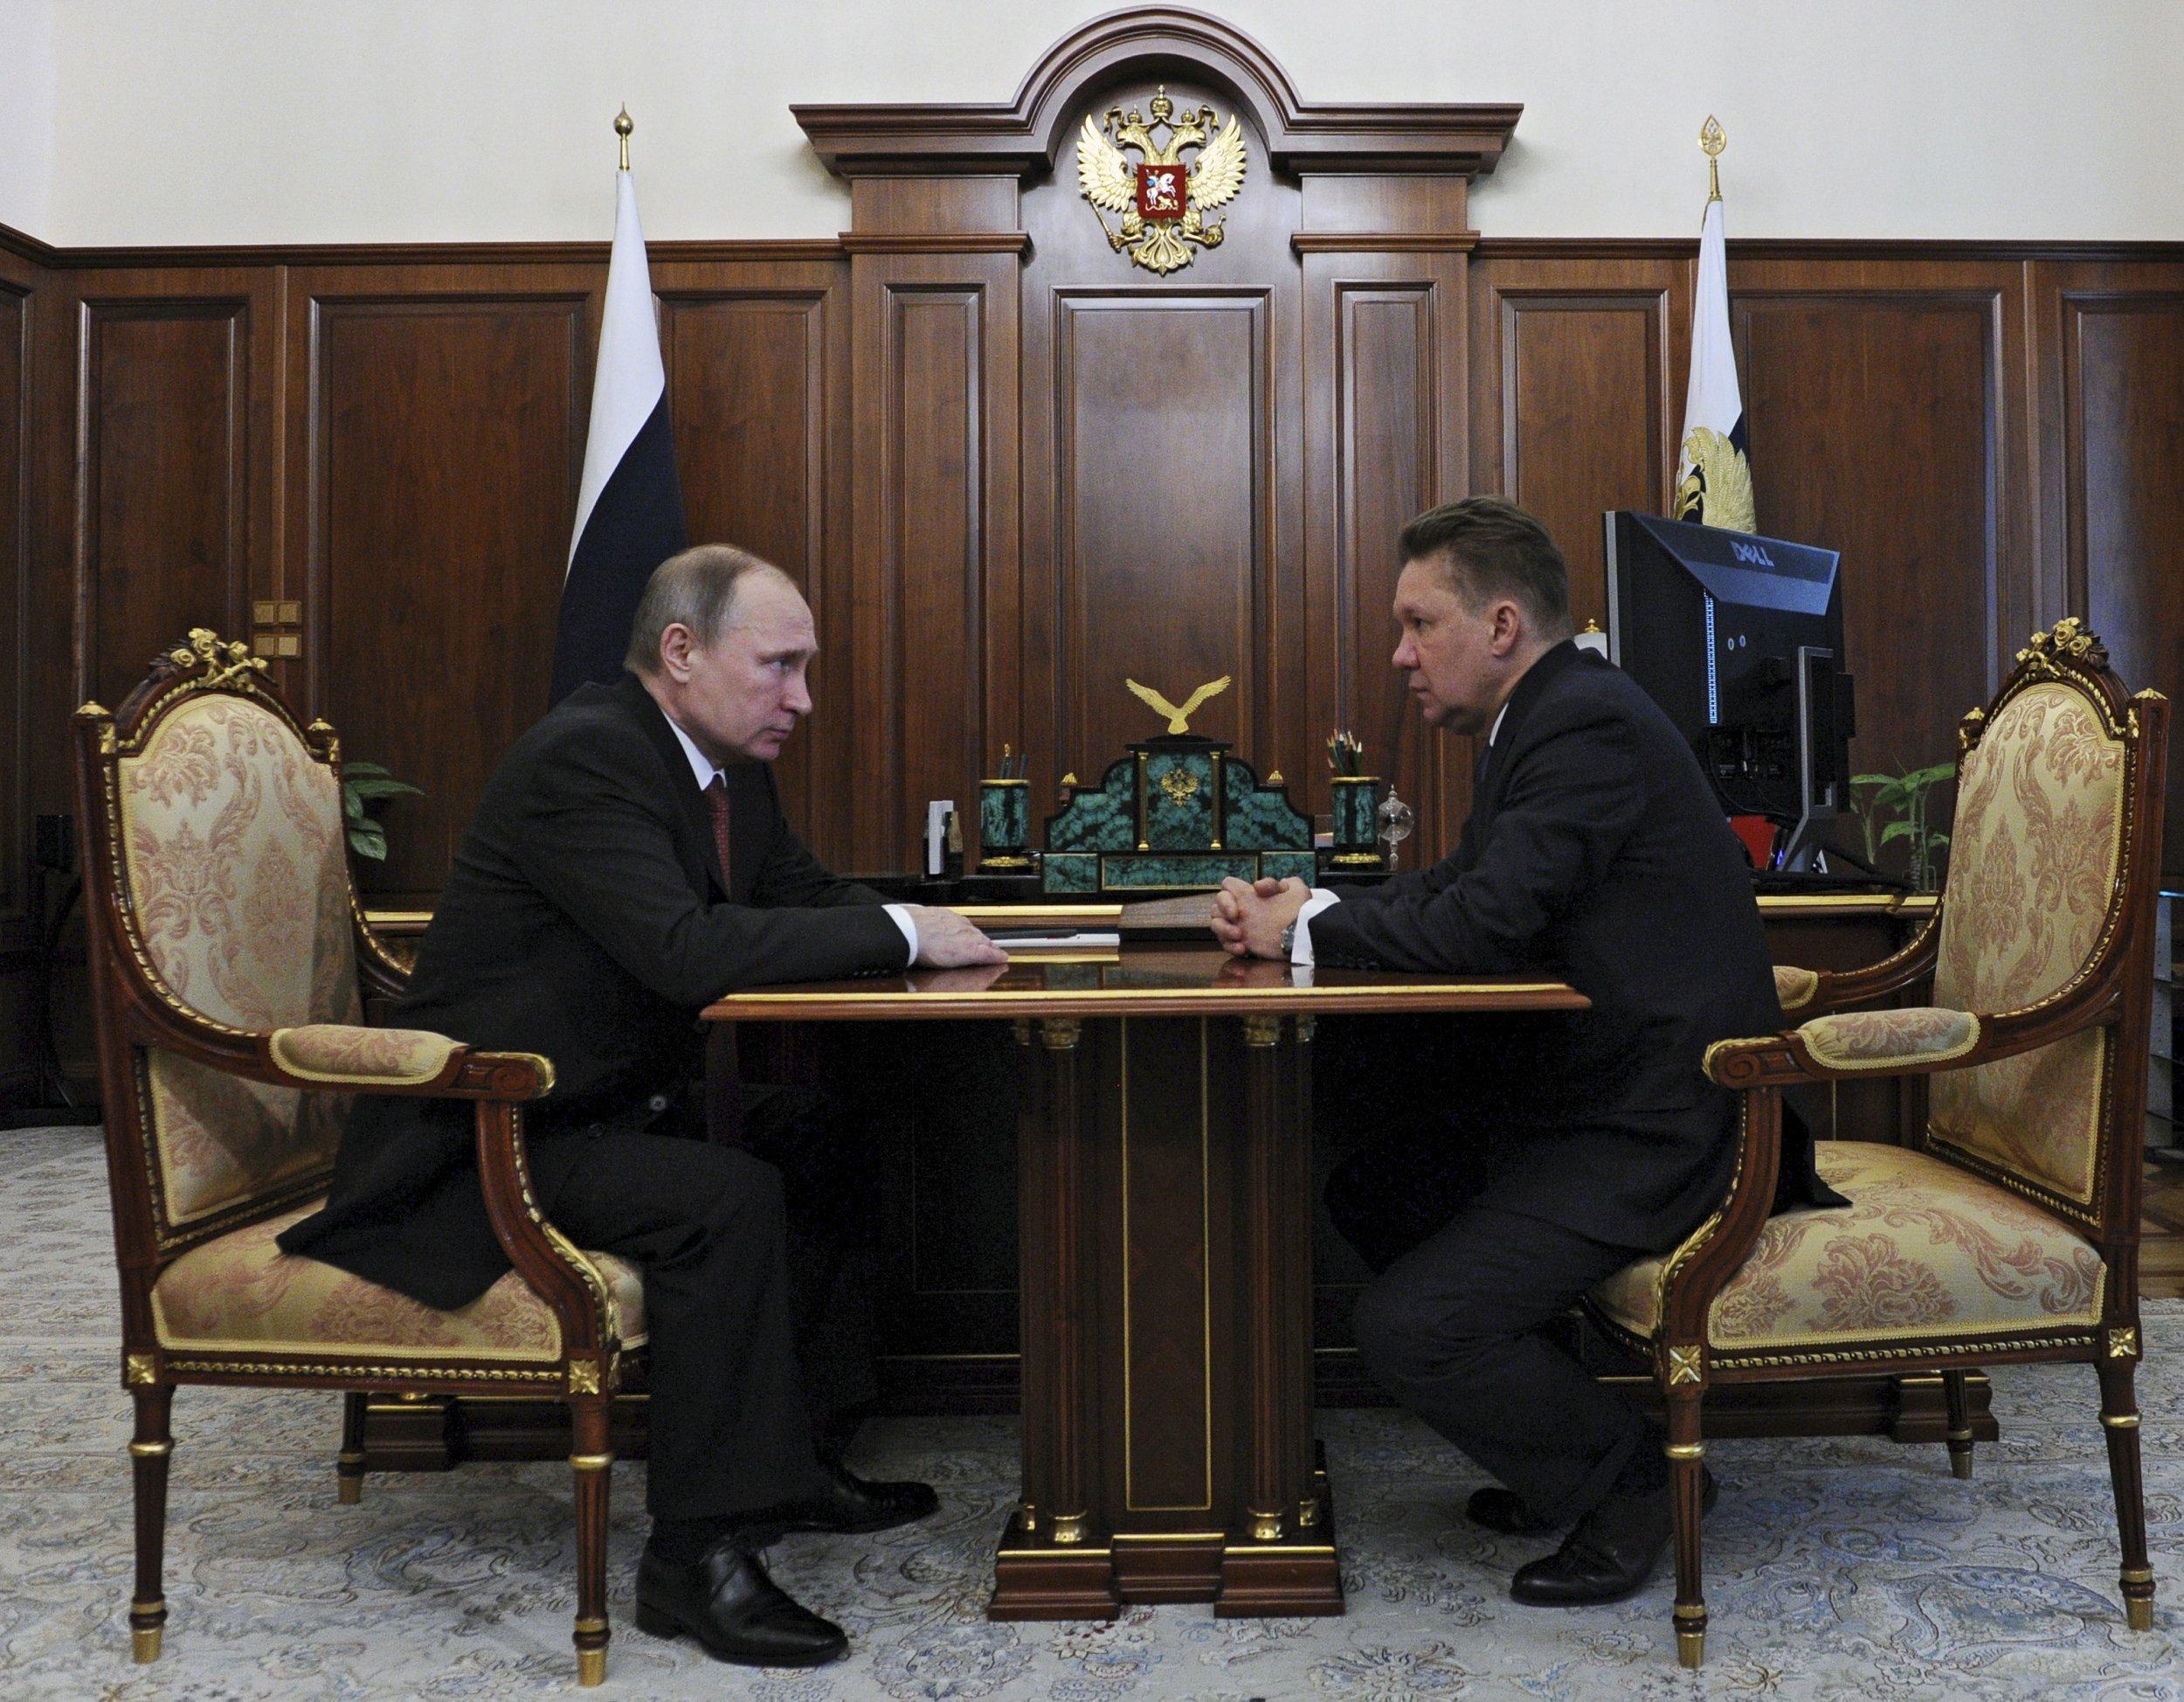 Putin looks opposite Miller at his desk